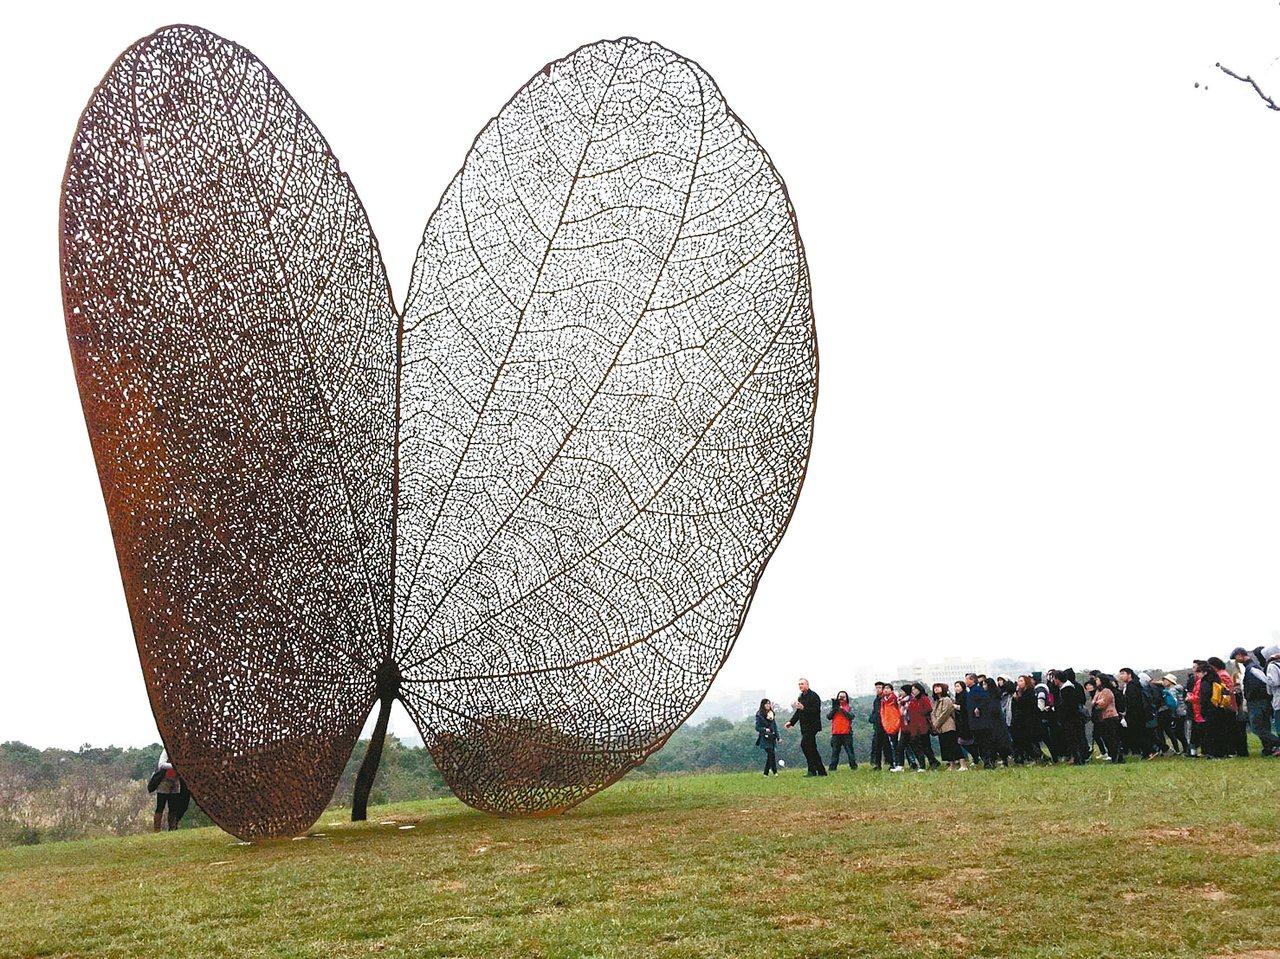 巨型公共藝術品「葉子」(LEAF),立在一片綠意之中。 記者郭宣彣/攝影